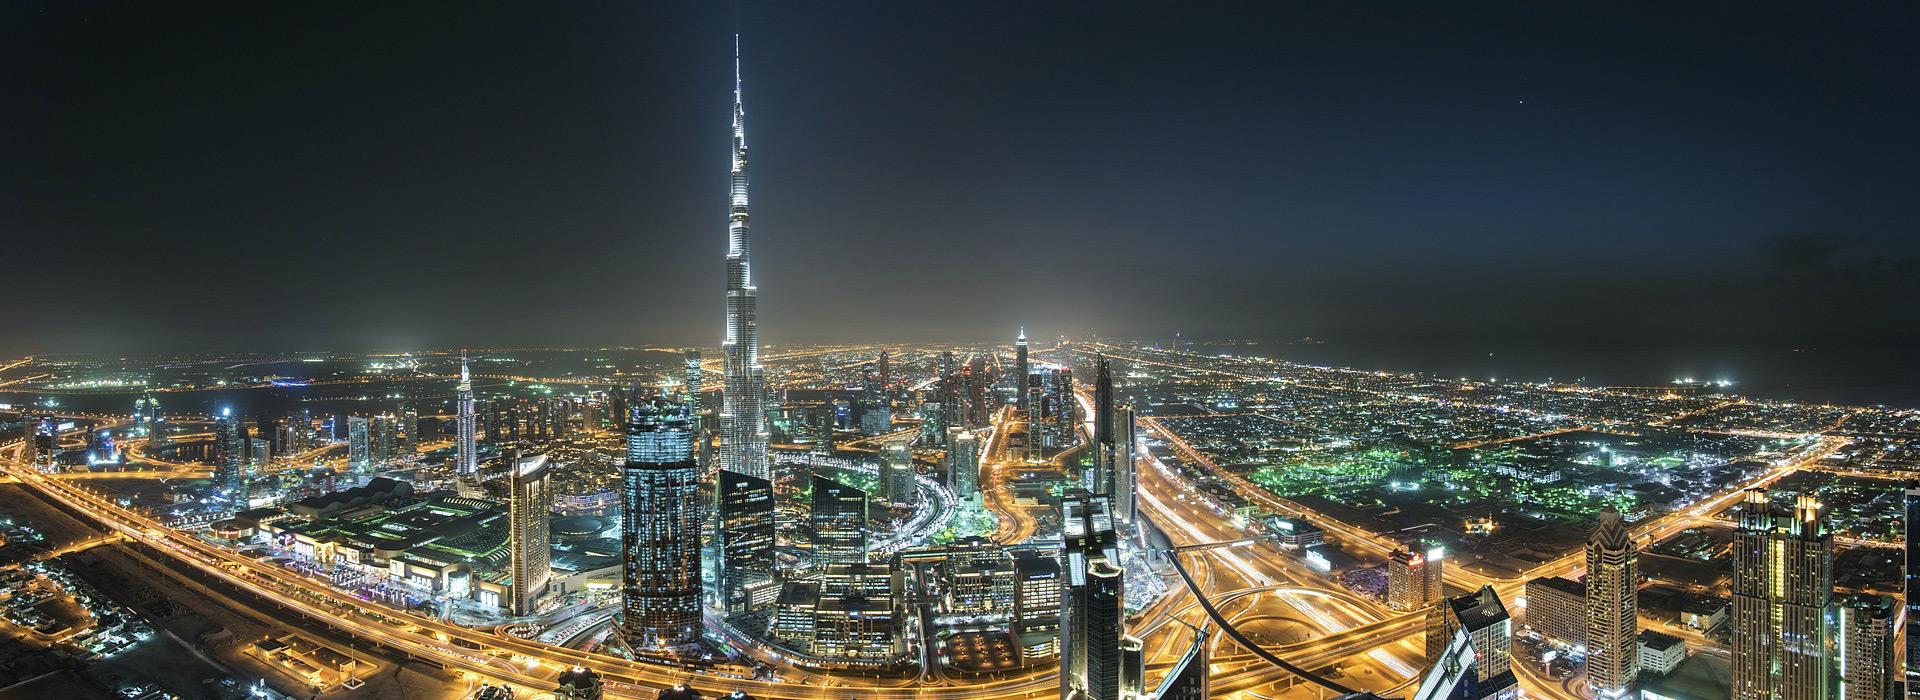 VAE DUBAI VISUM ANTRAGSFORMULAR